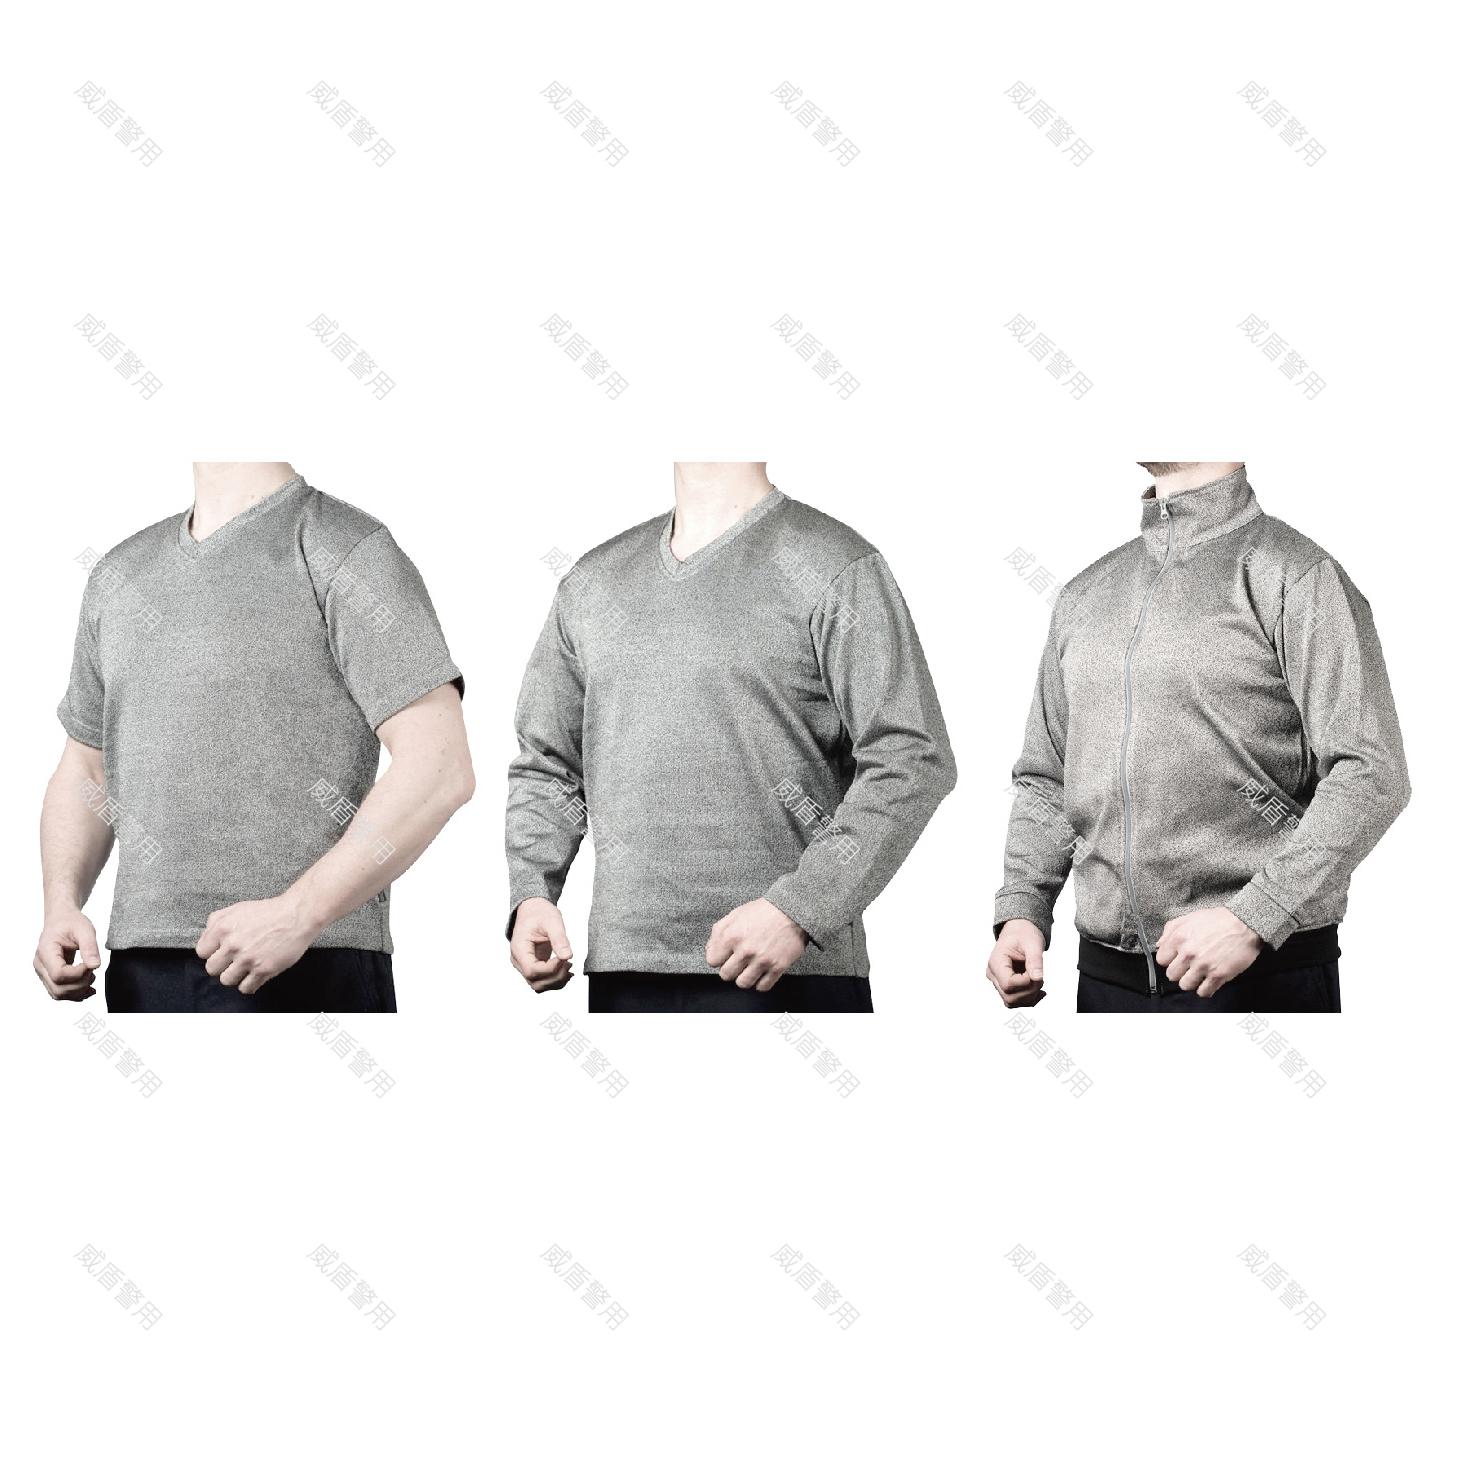 防割服(短袖、长袖、夹克)